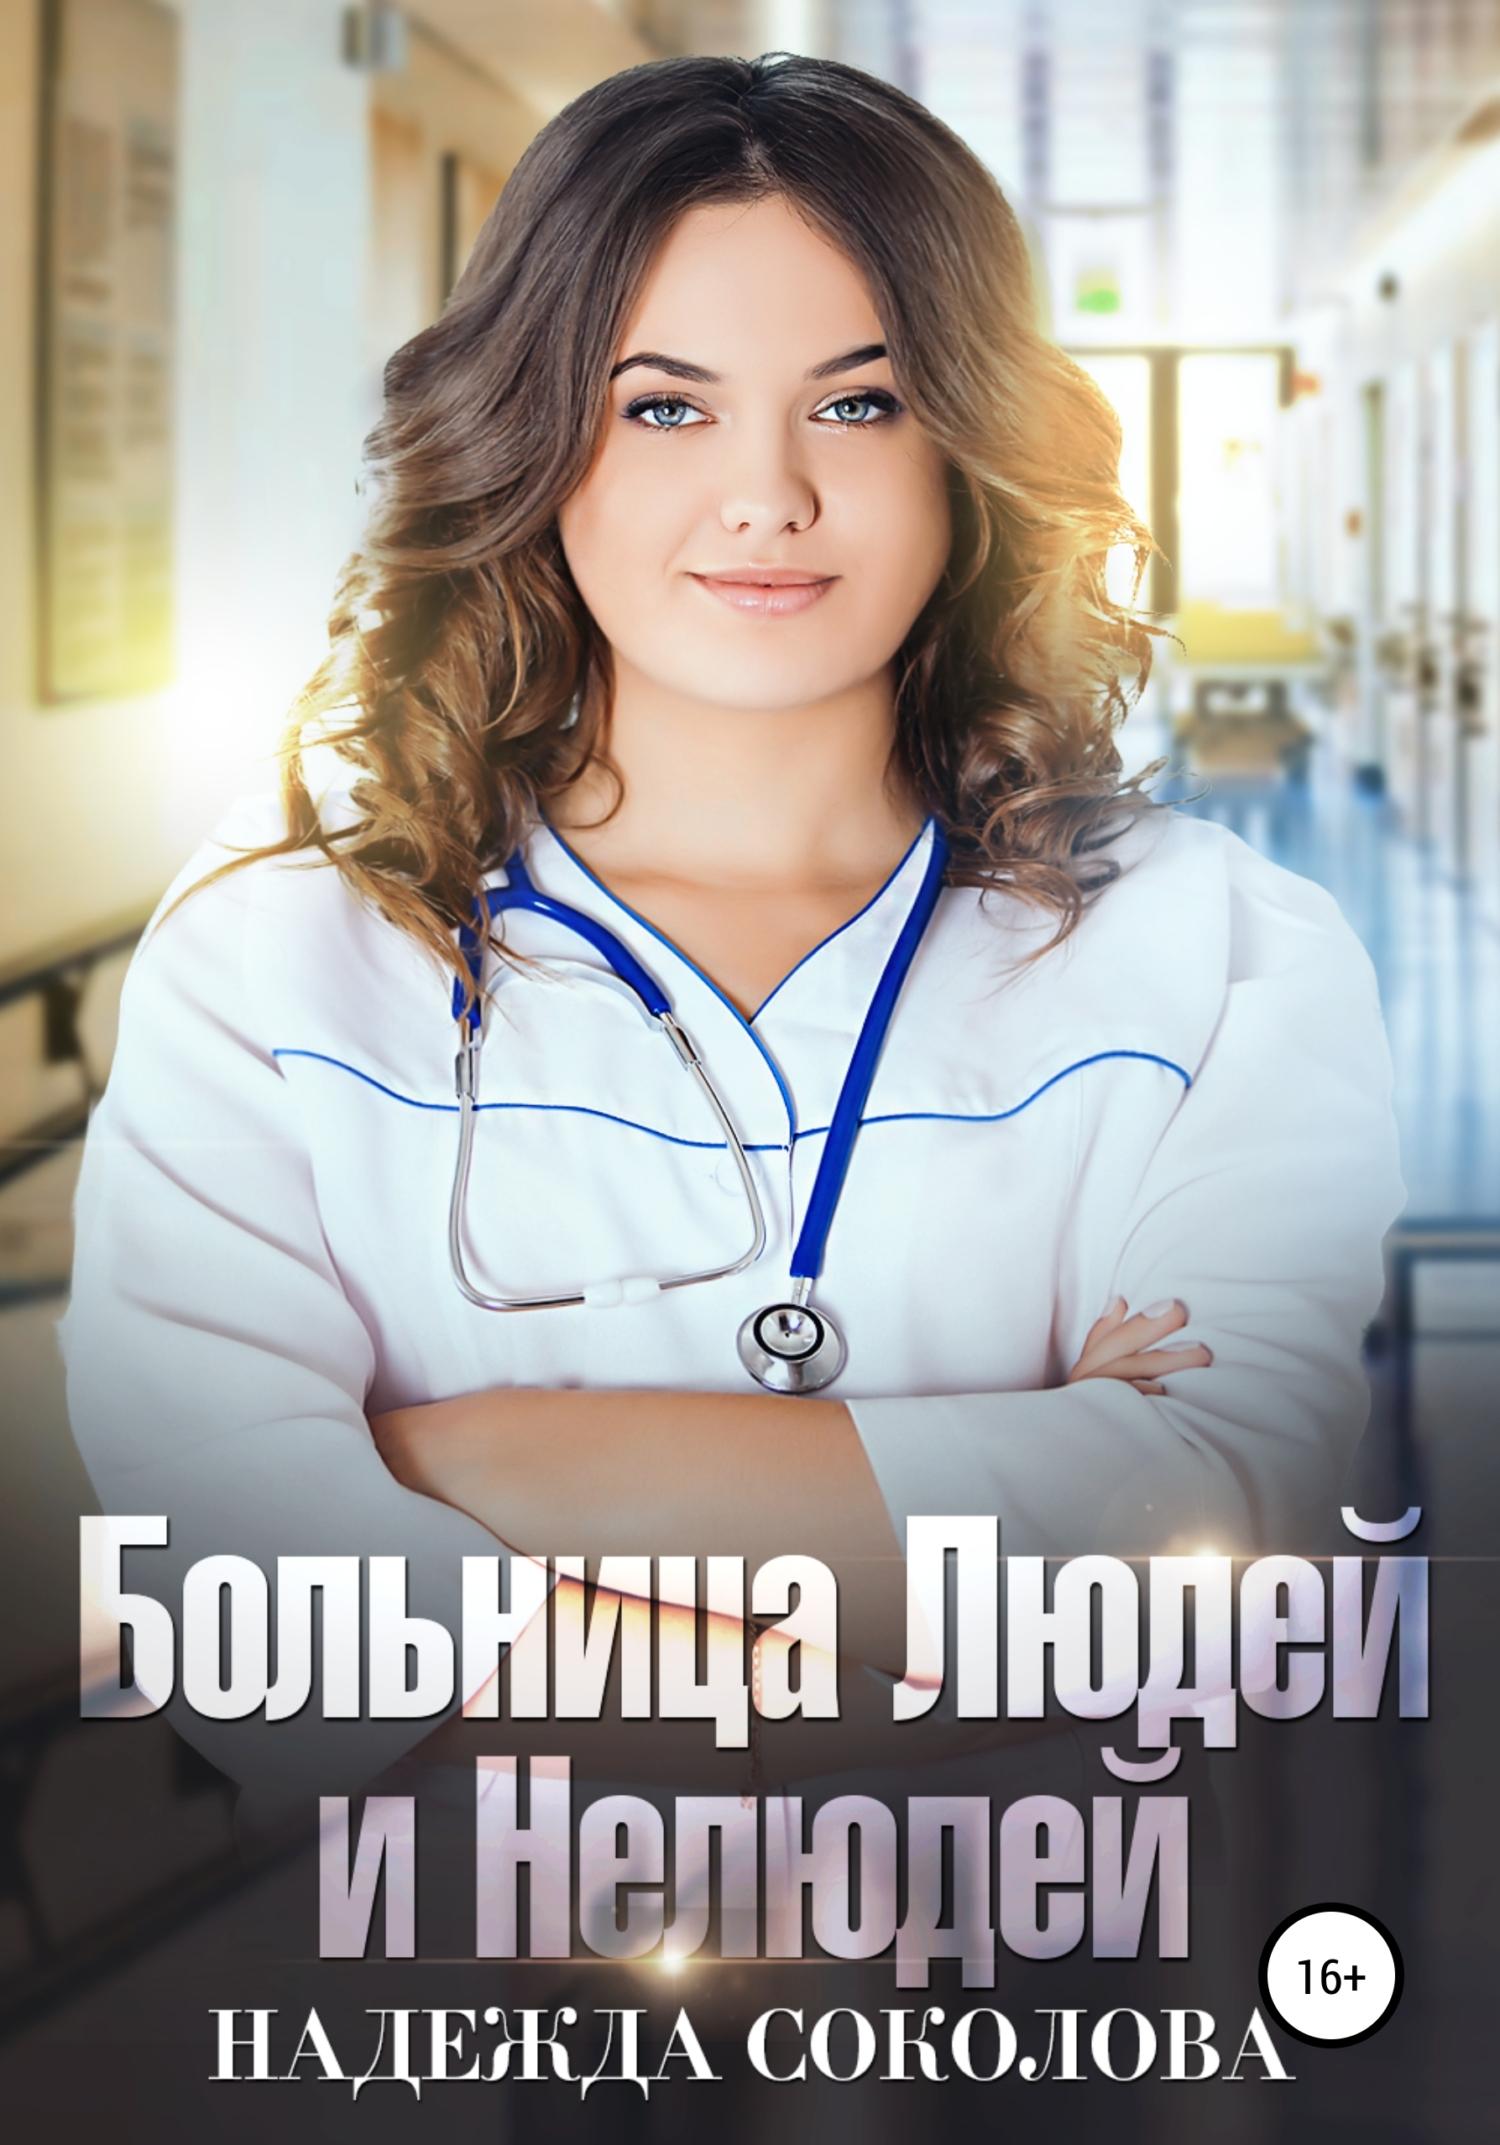 Надежда Игоревна Соколова БЛиН надежда игоревна соколова ведьма и неприятности